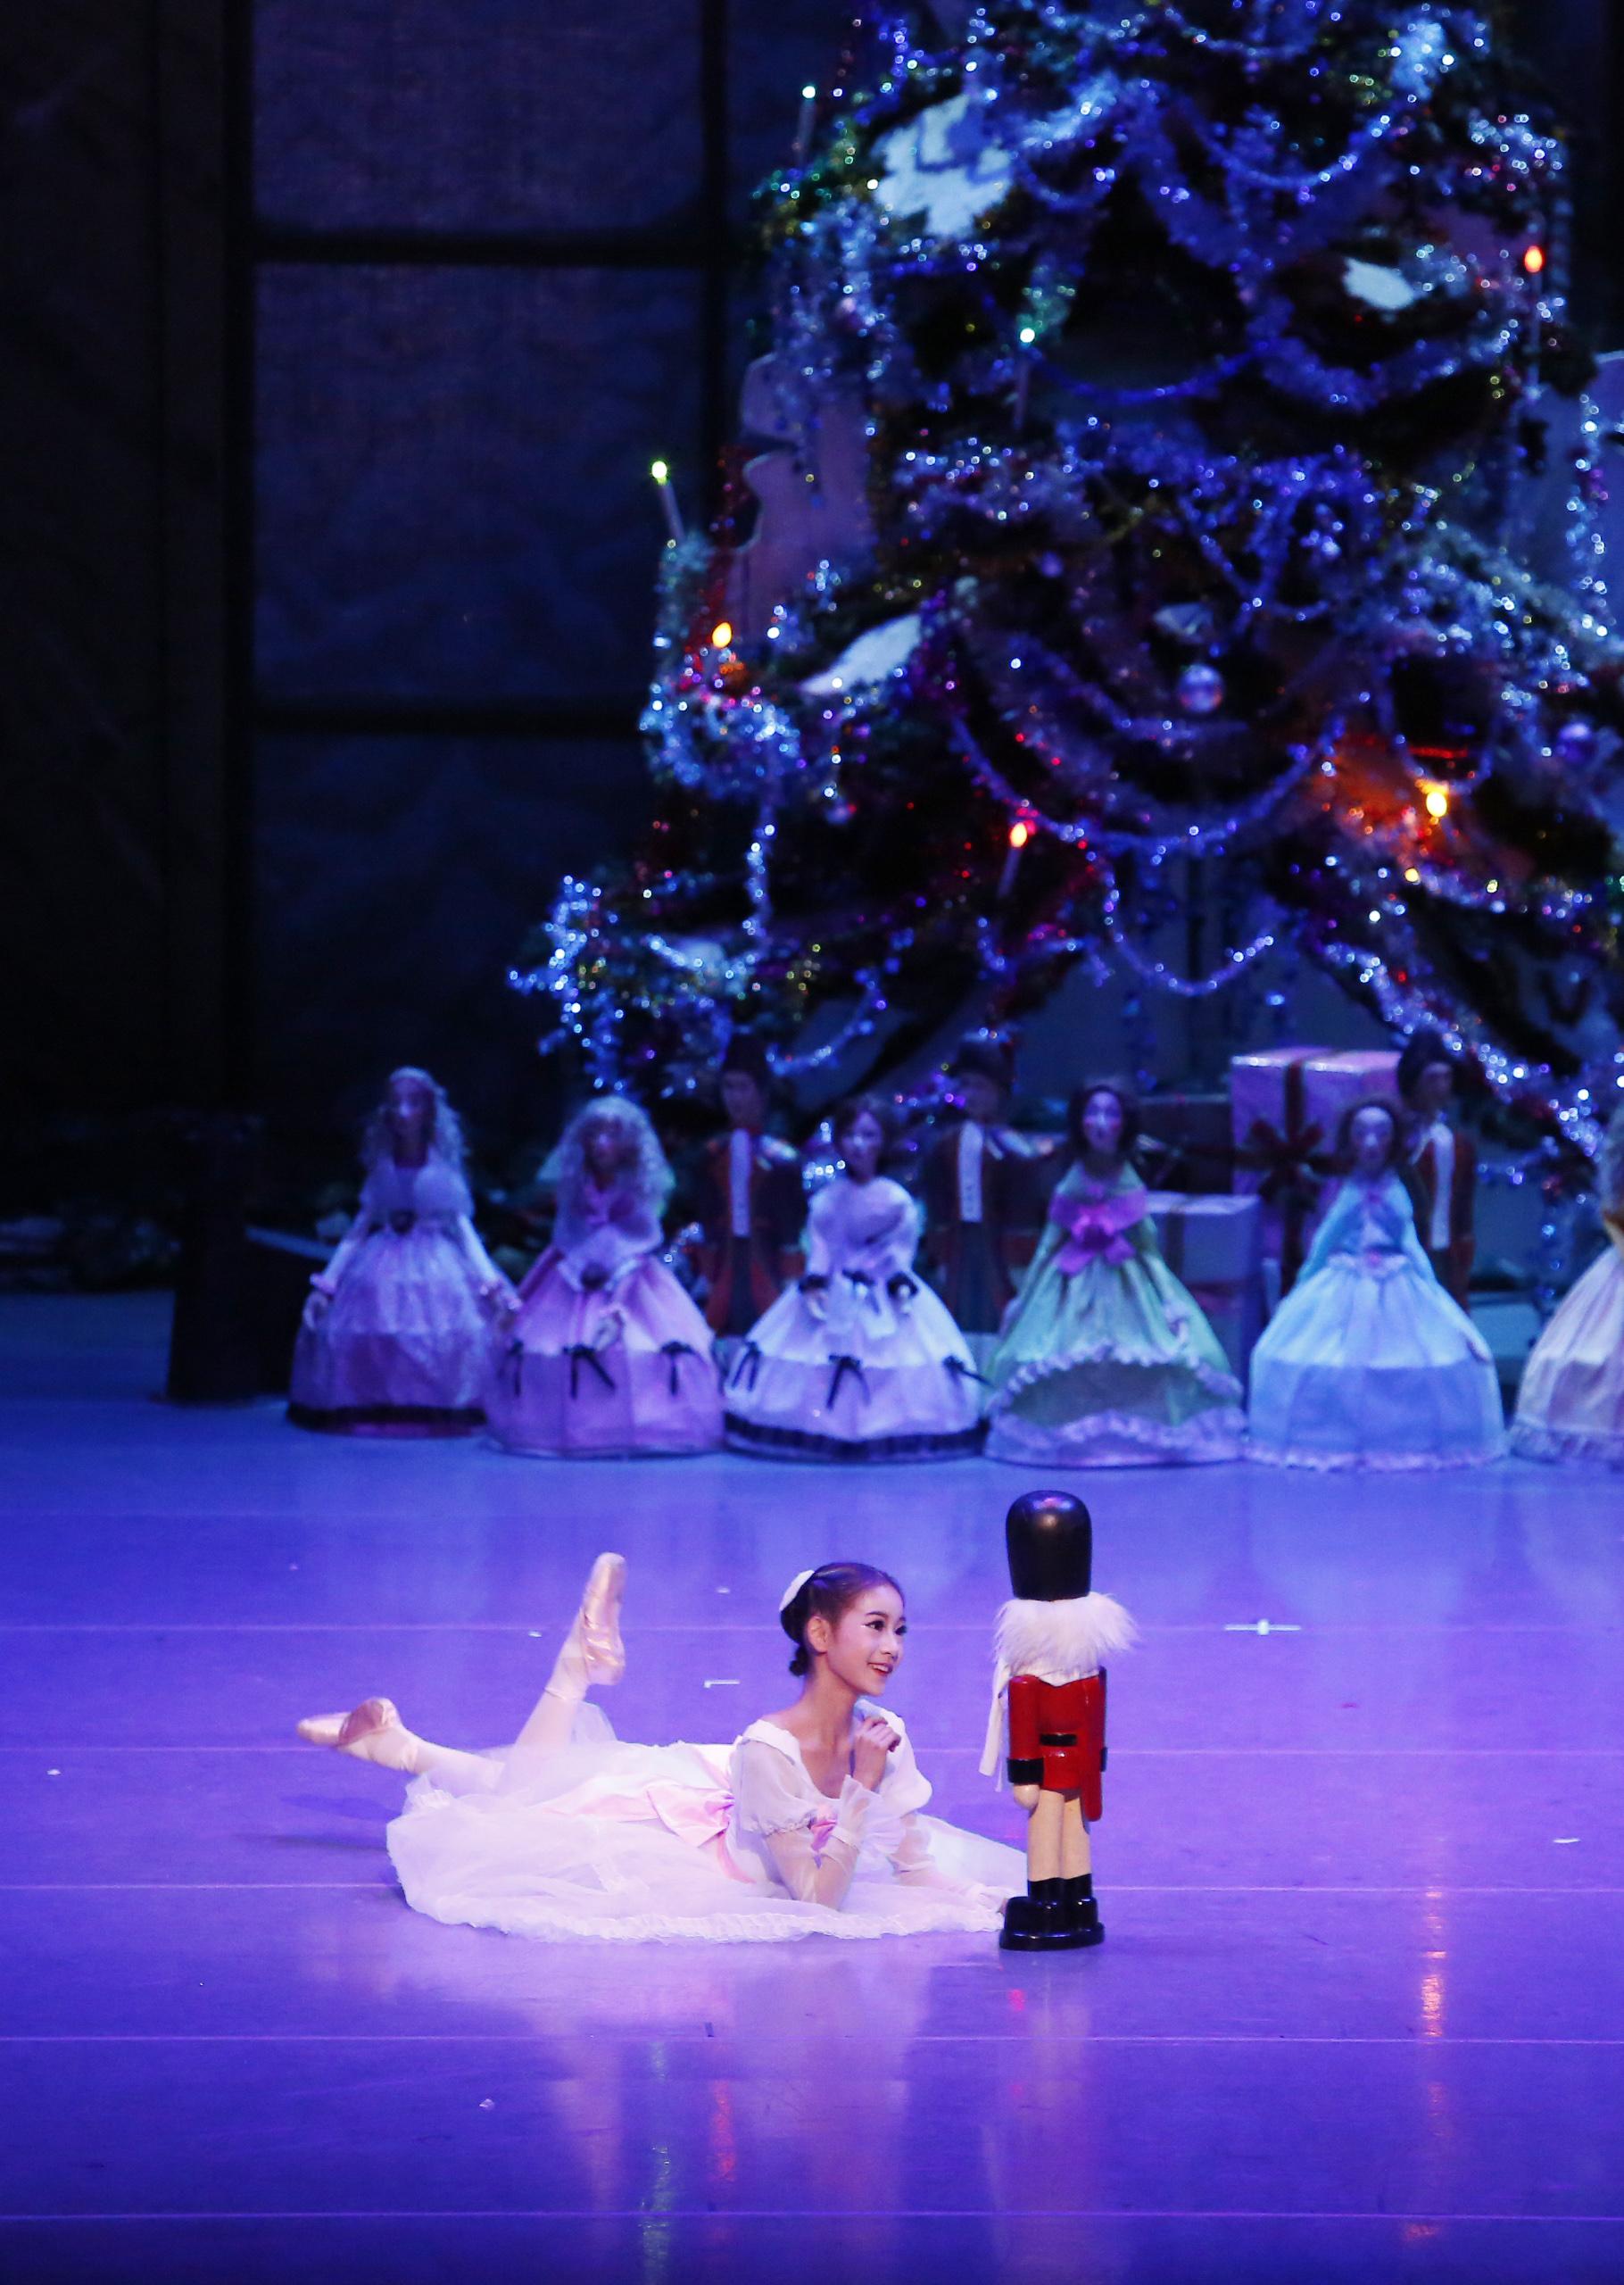 [공연] 12월, 국립발레단과 유니버설발레단이 선사하는 스테디셀러 발레 <호두까기인형>